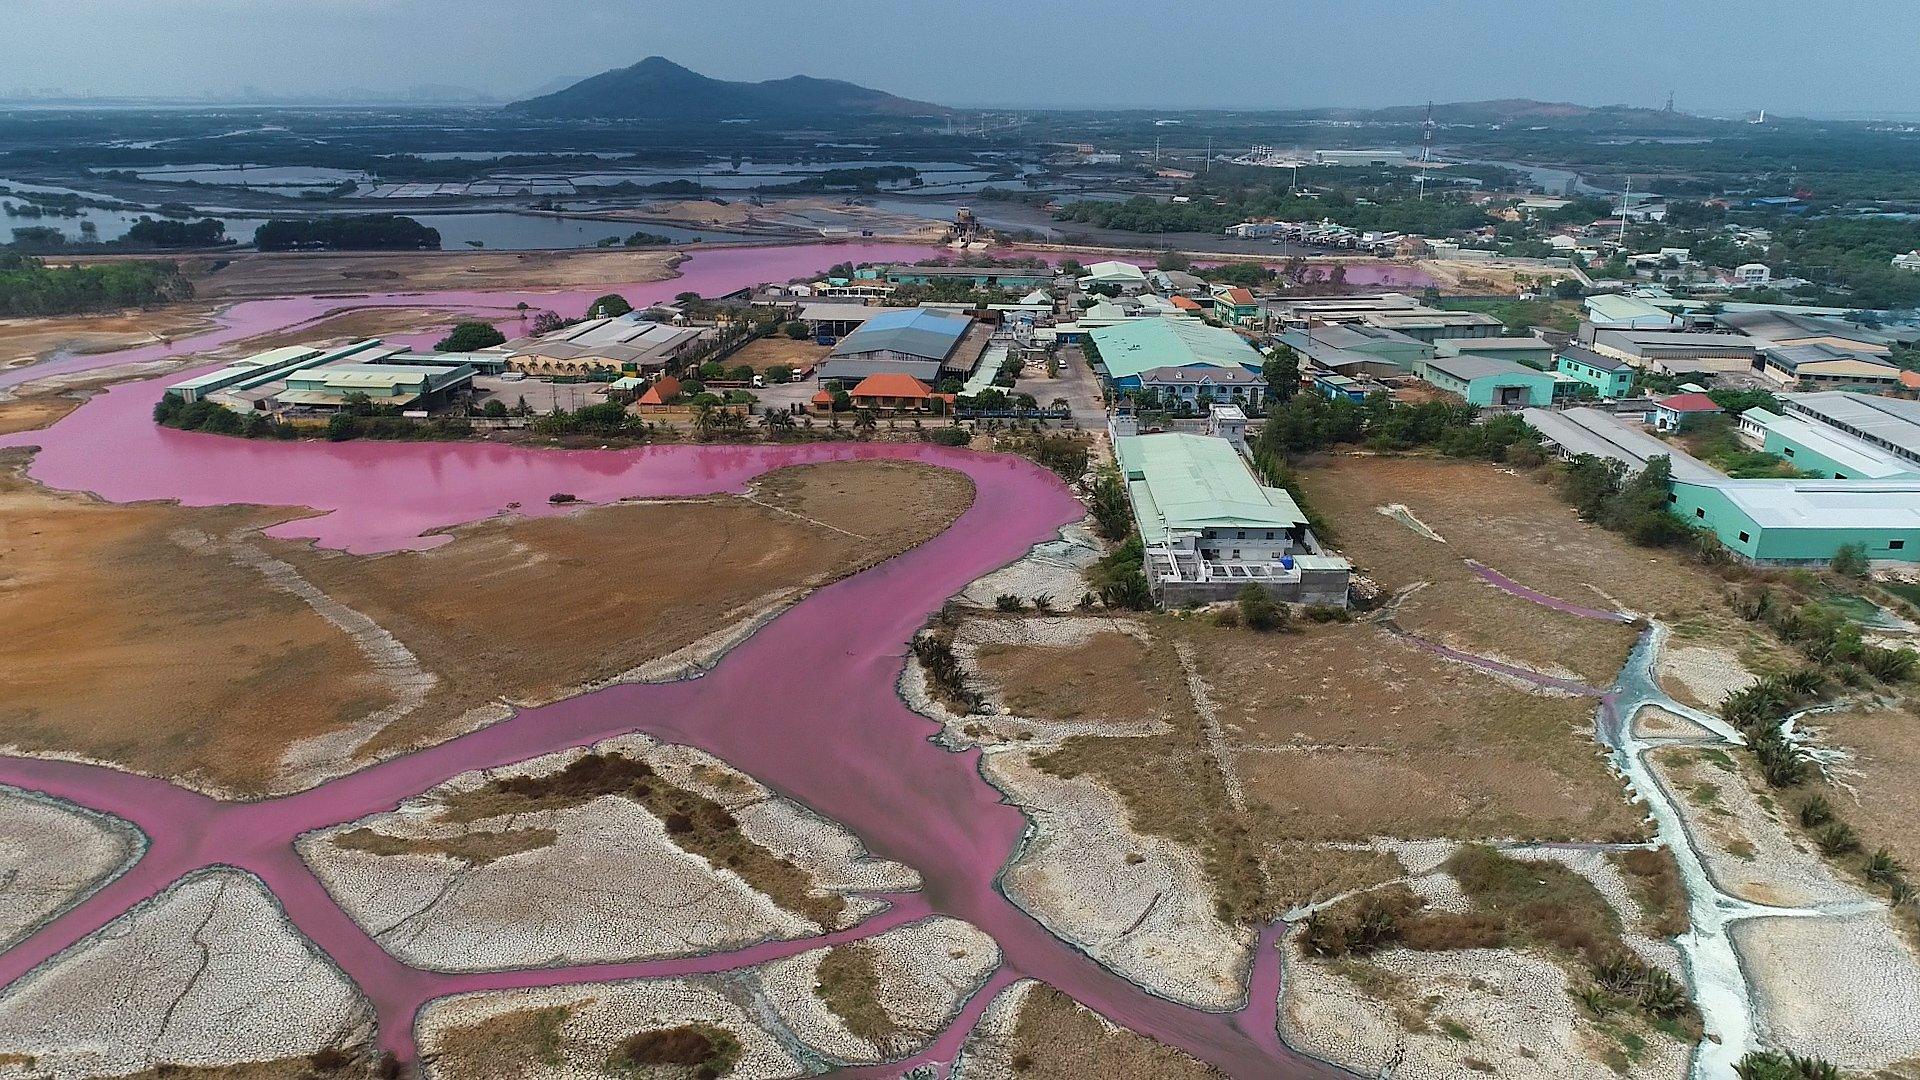 Tổng thể quang cảnh đầm chứa nước thải nhìn từ trên cao với sự đổi màu kỳ lạ